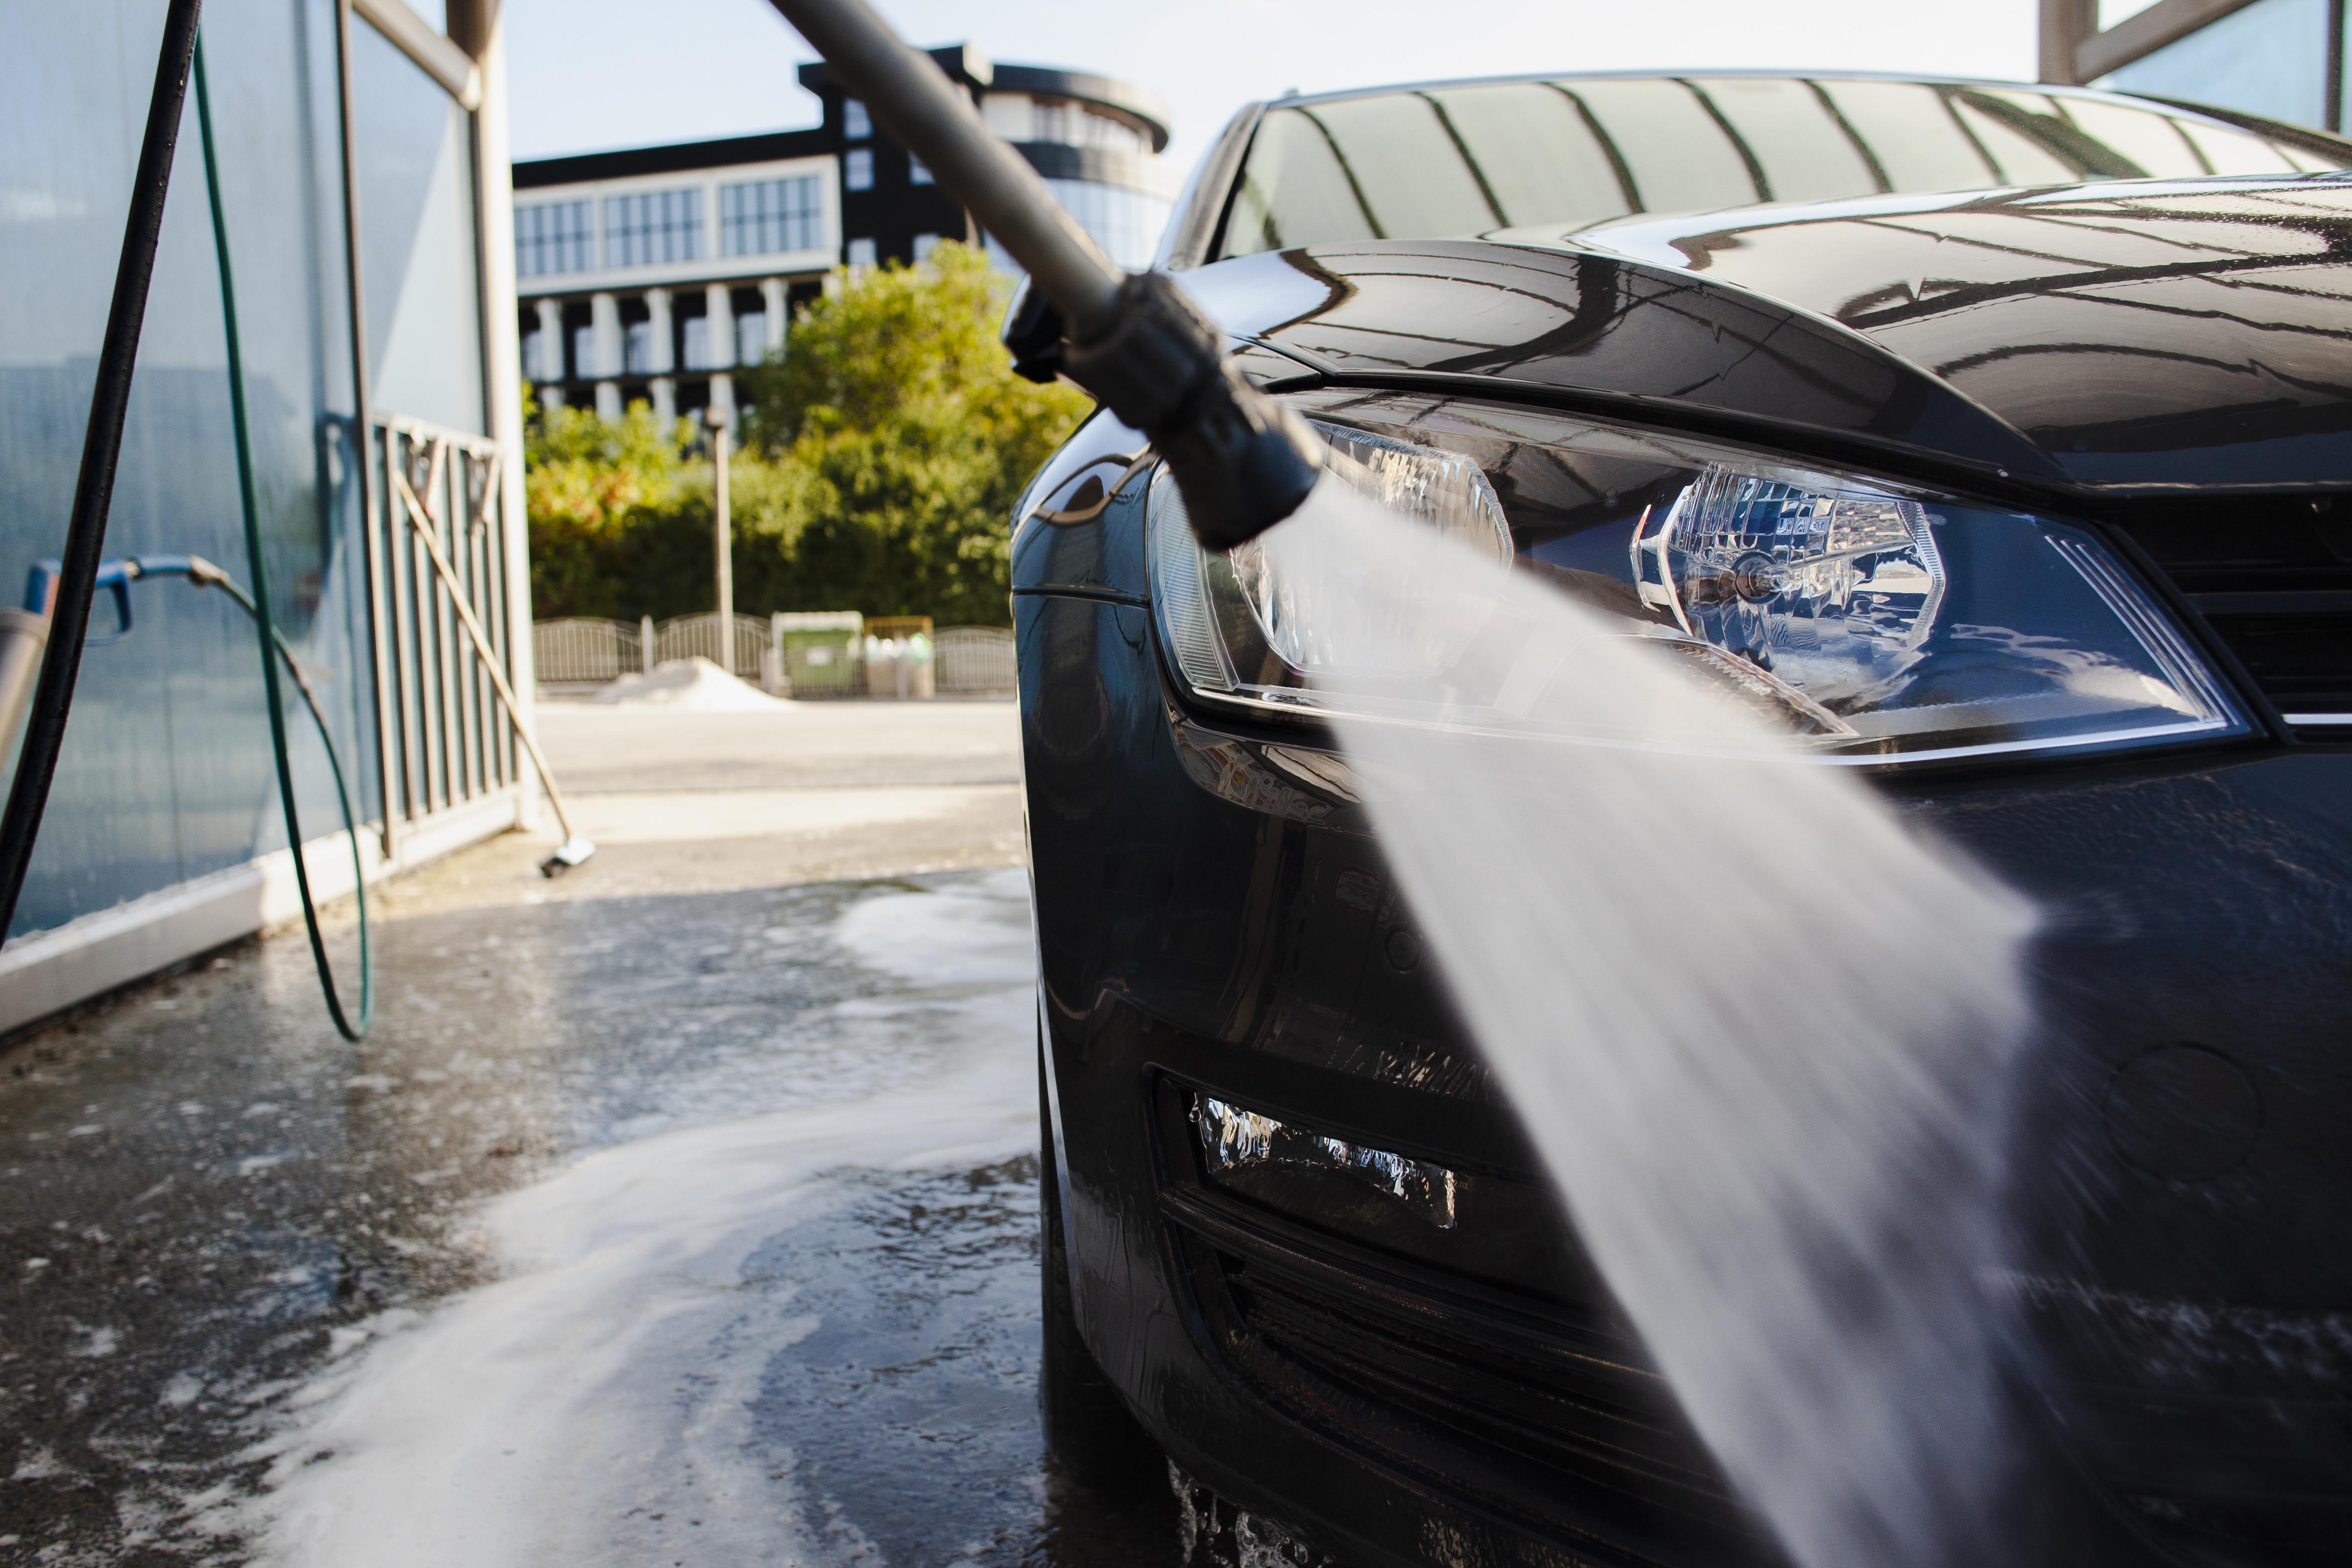 Descubra os truques que as lojas usam para deixar seus carros com aspecto de novo!